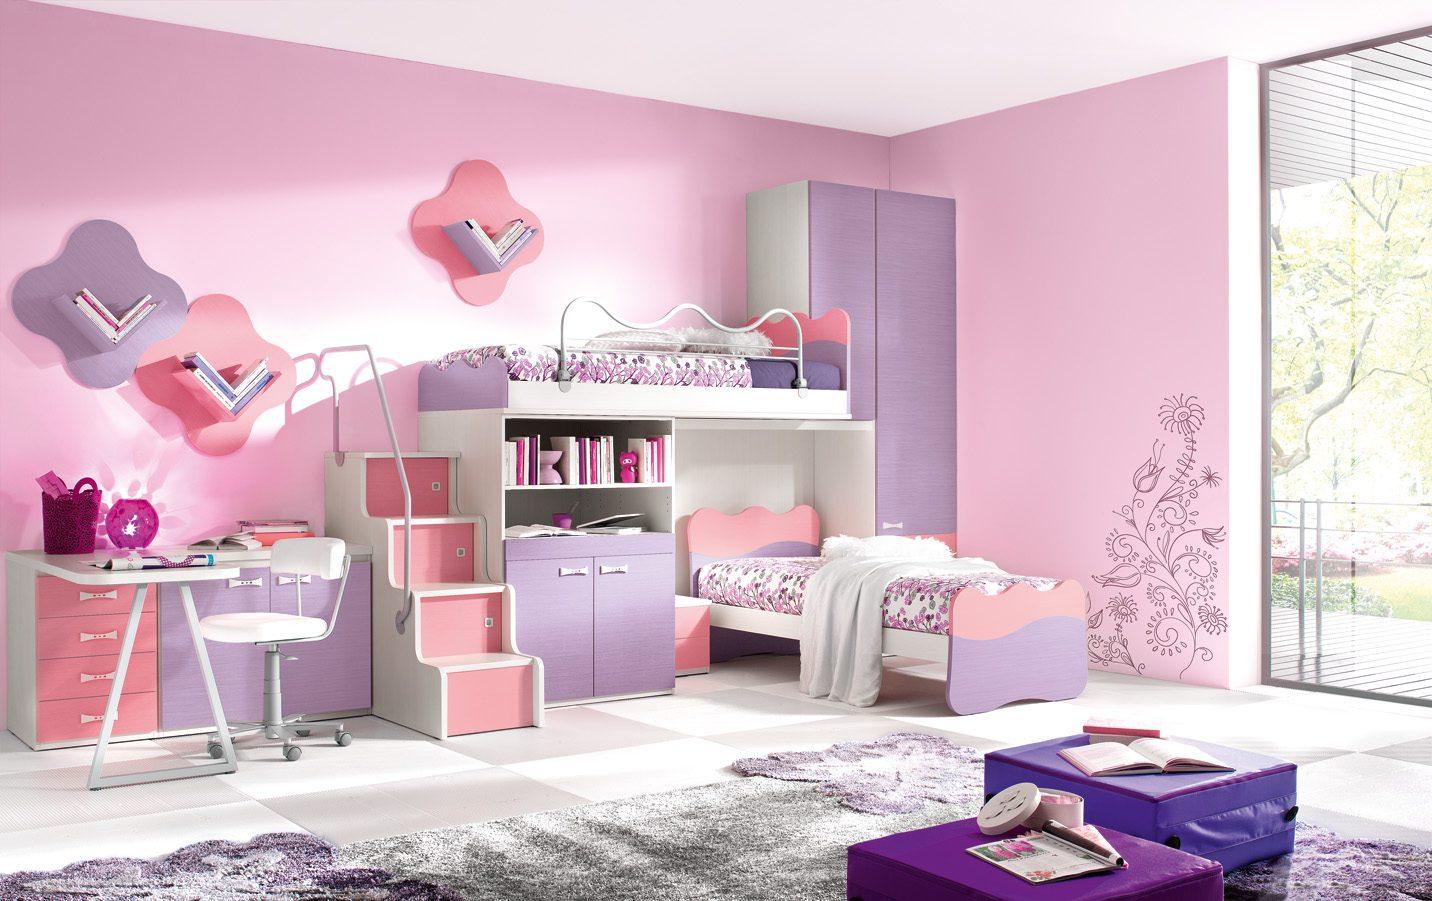 dormitorios de nias - Habitaciones Nias